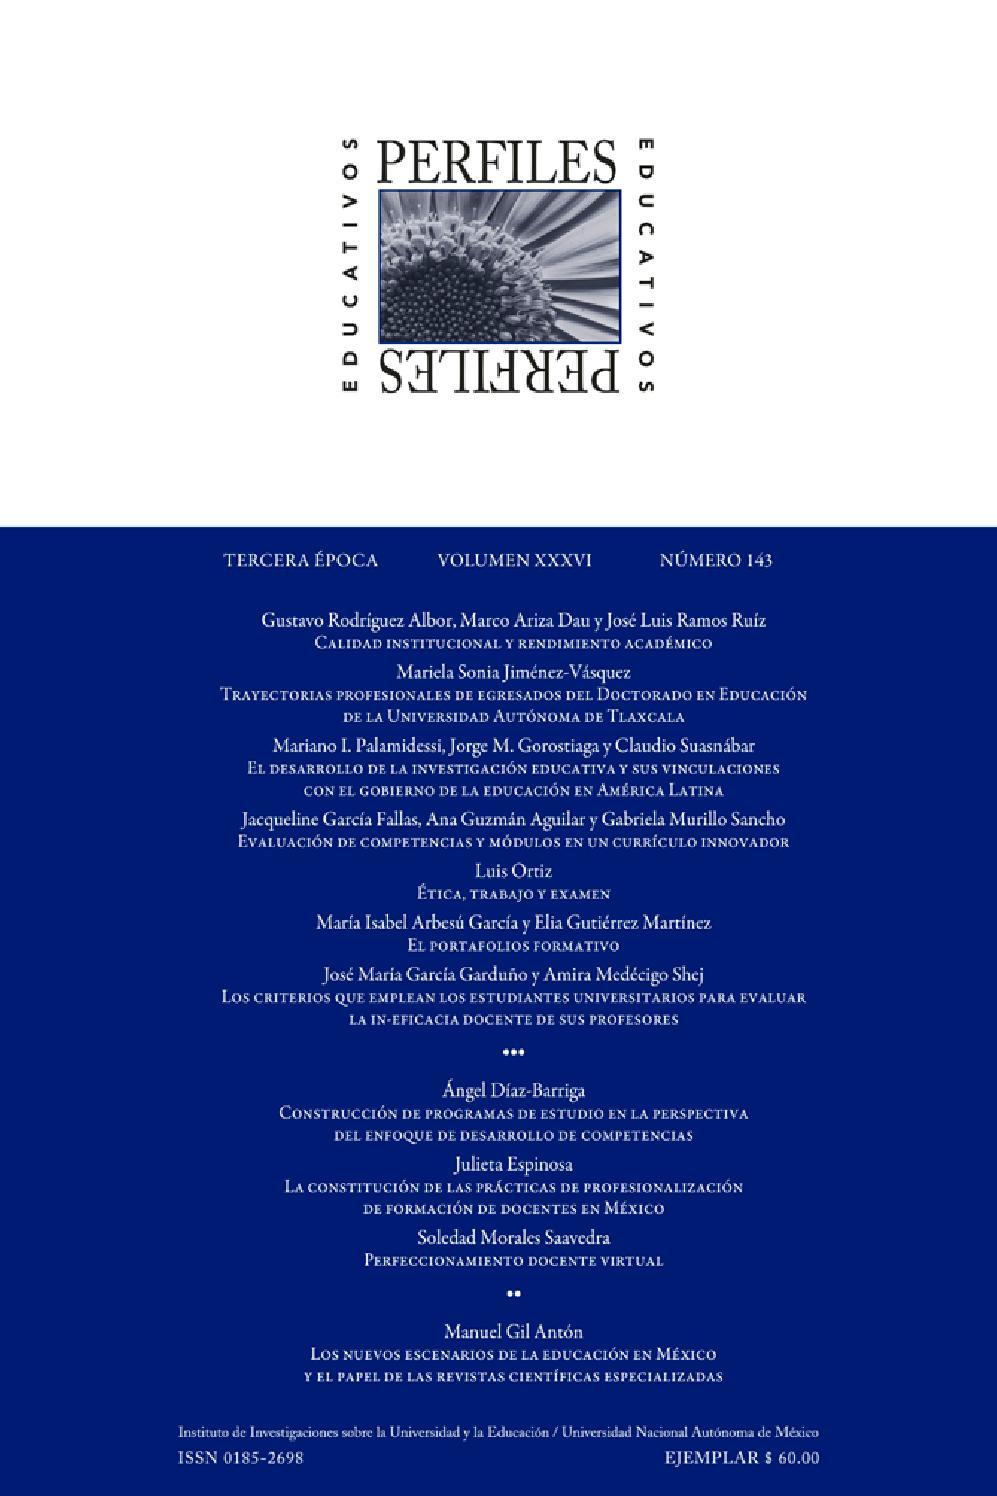 Revista Perfiles Educativos no 143 by UV Intercultural - issuu